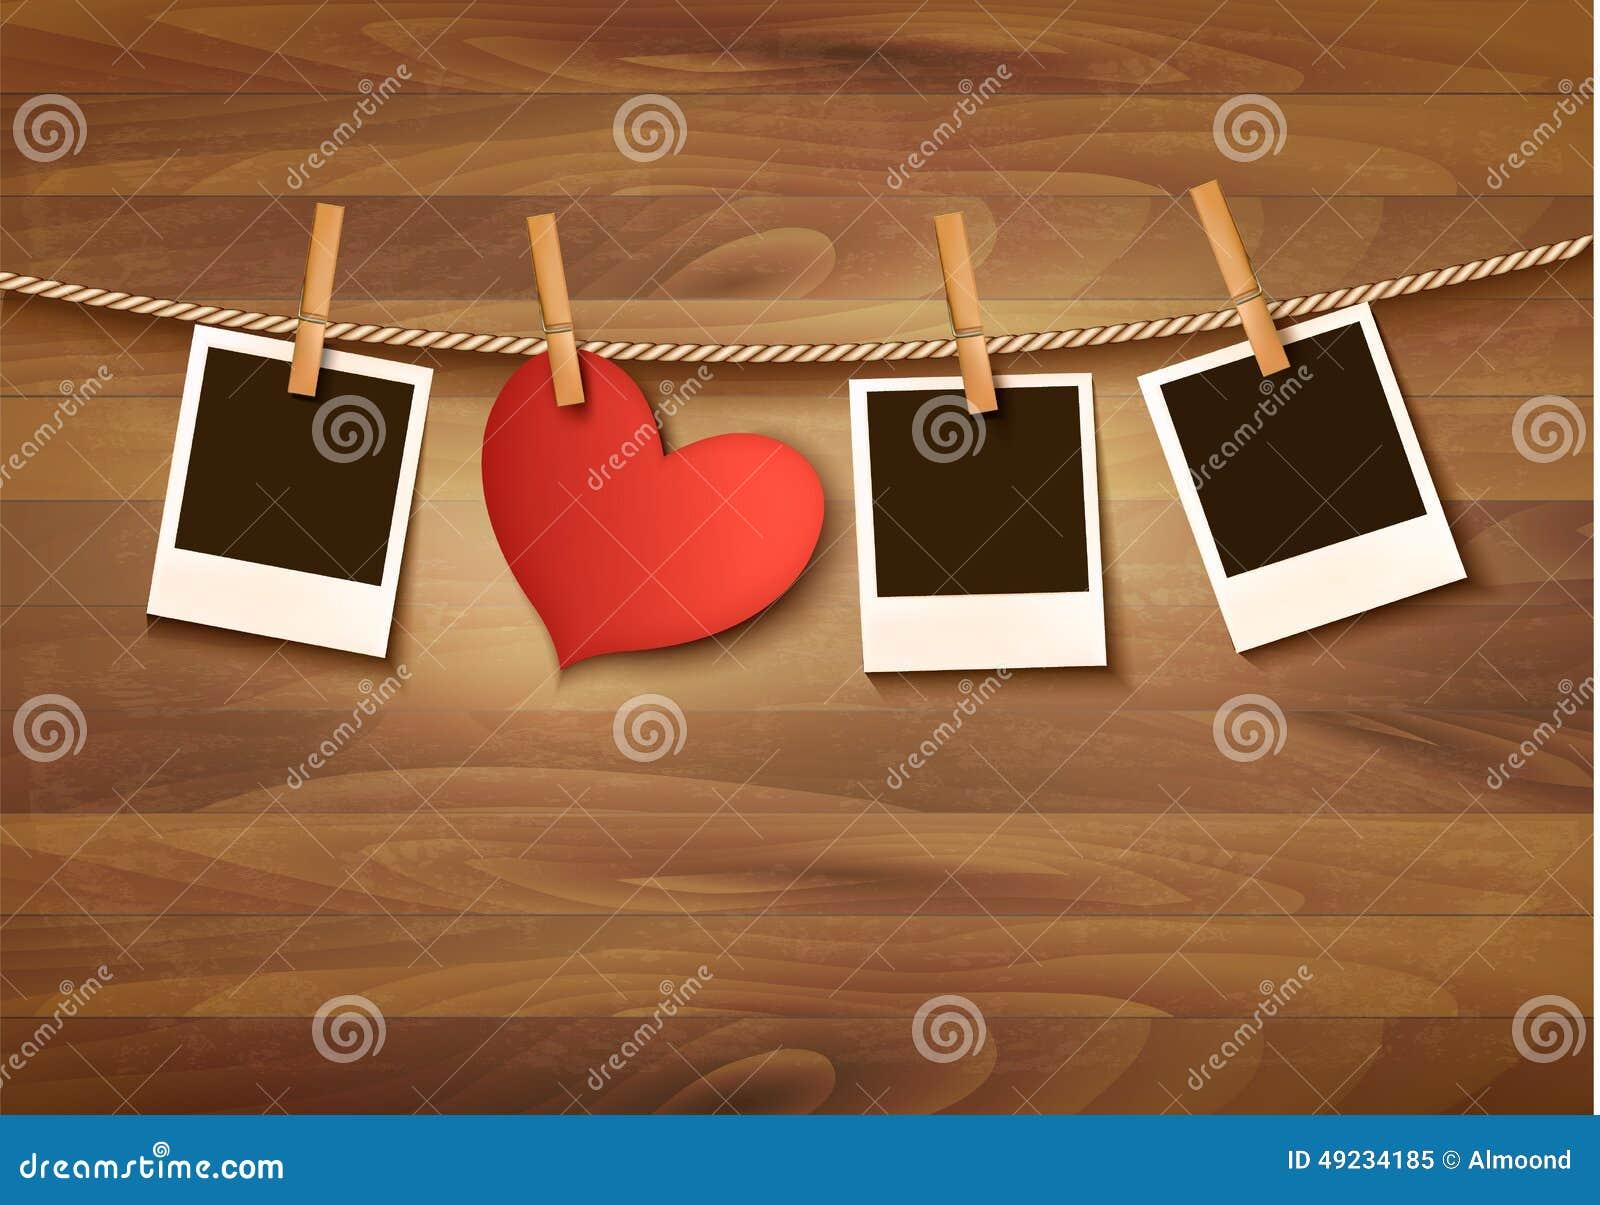 Fondo con dos corazones y dos fotos